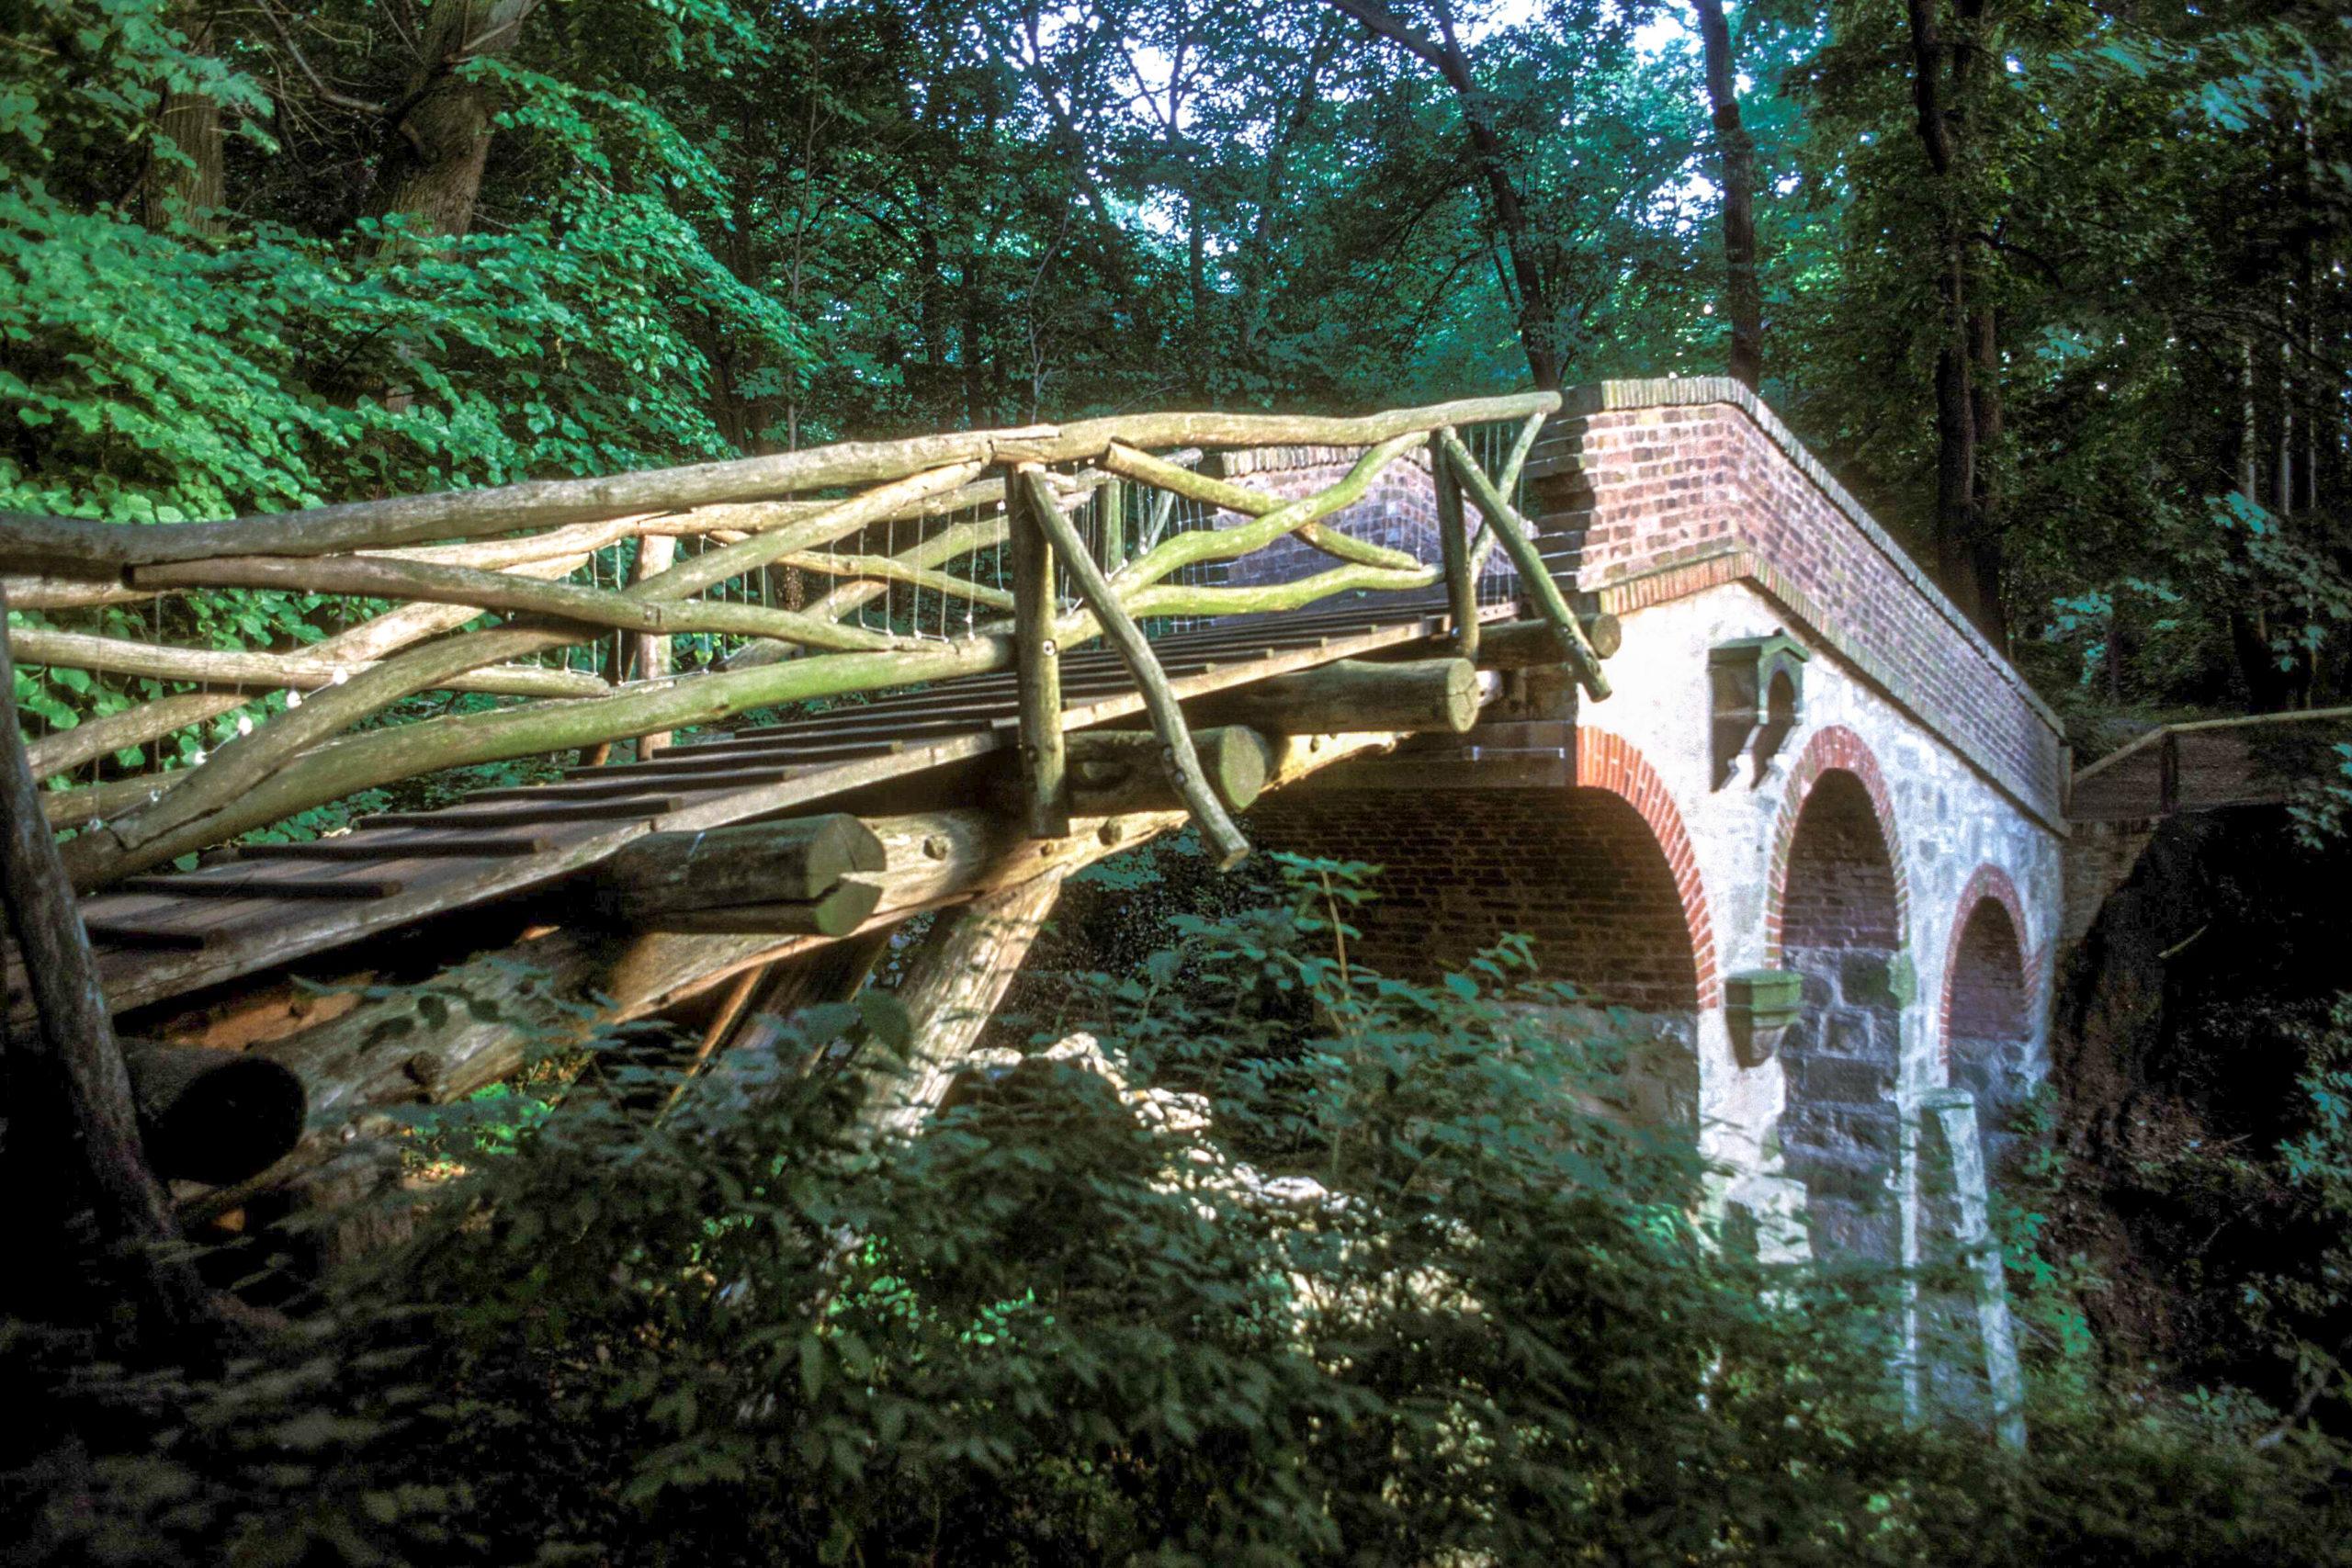 Märchen Berlin Die Brücke mit dem gruseligen Namen Teufelsbrücke wurde bereits als Ruine erbaut: Eigentlich ein friedvoller im Schlosspark Glienicke, an dem man jedoch nie allein zu sein scheint.